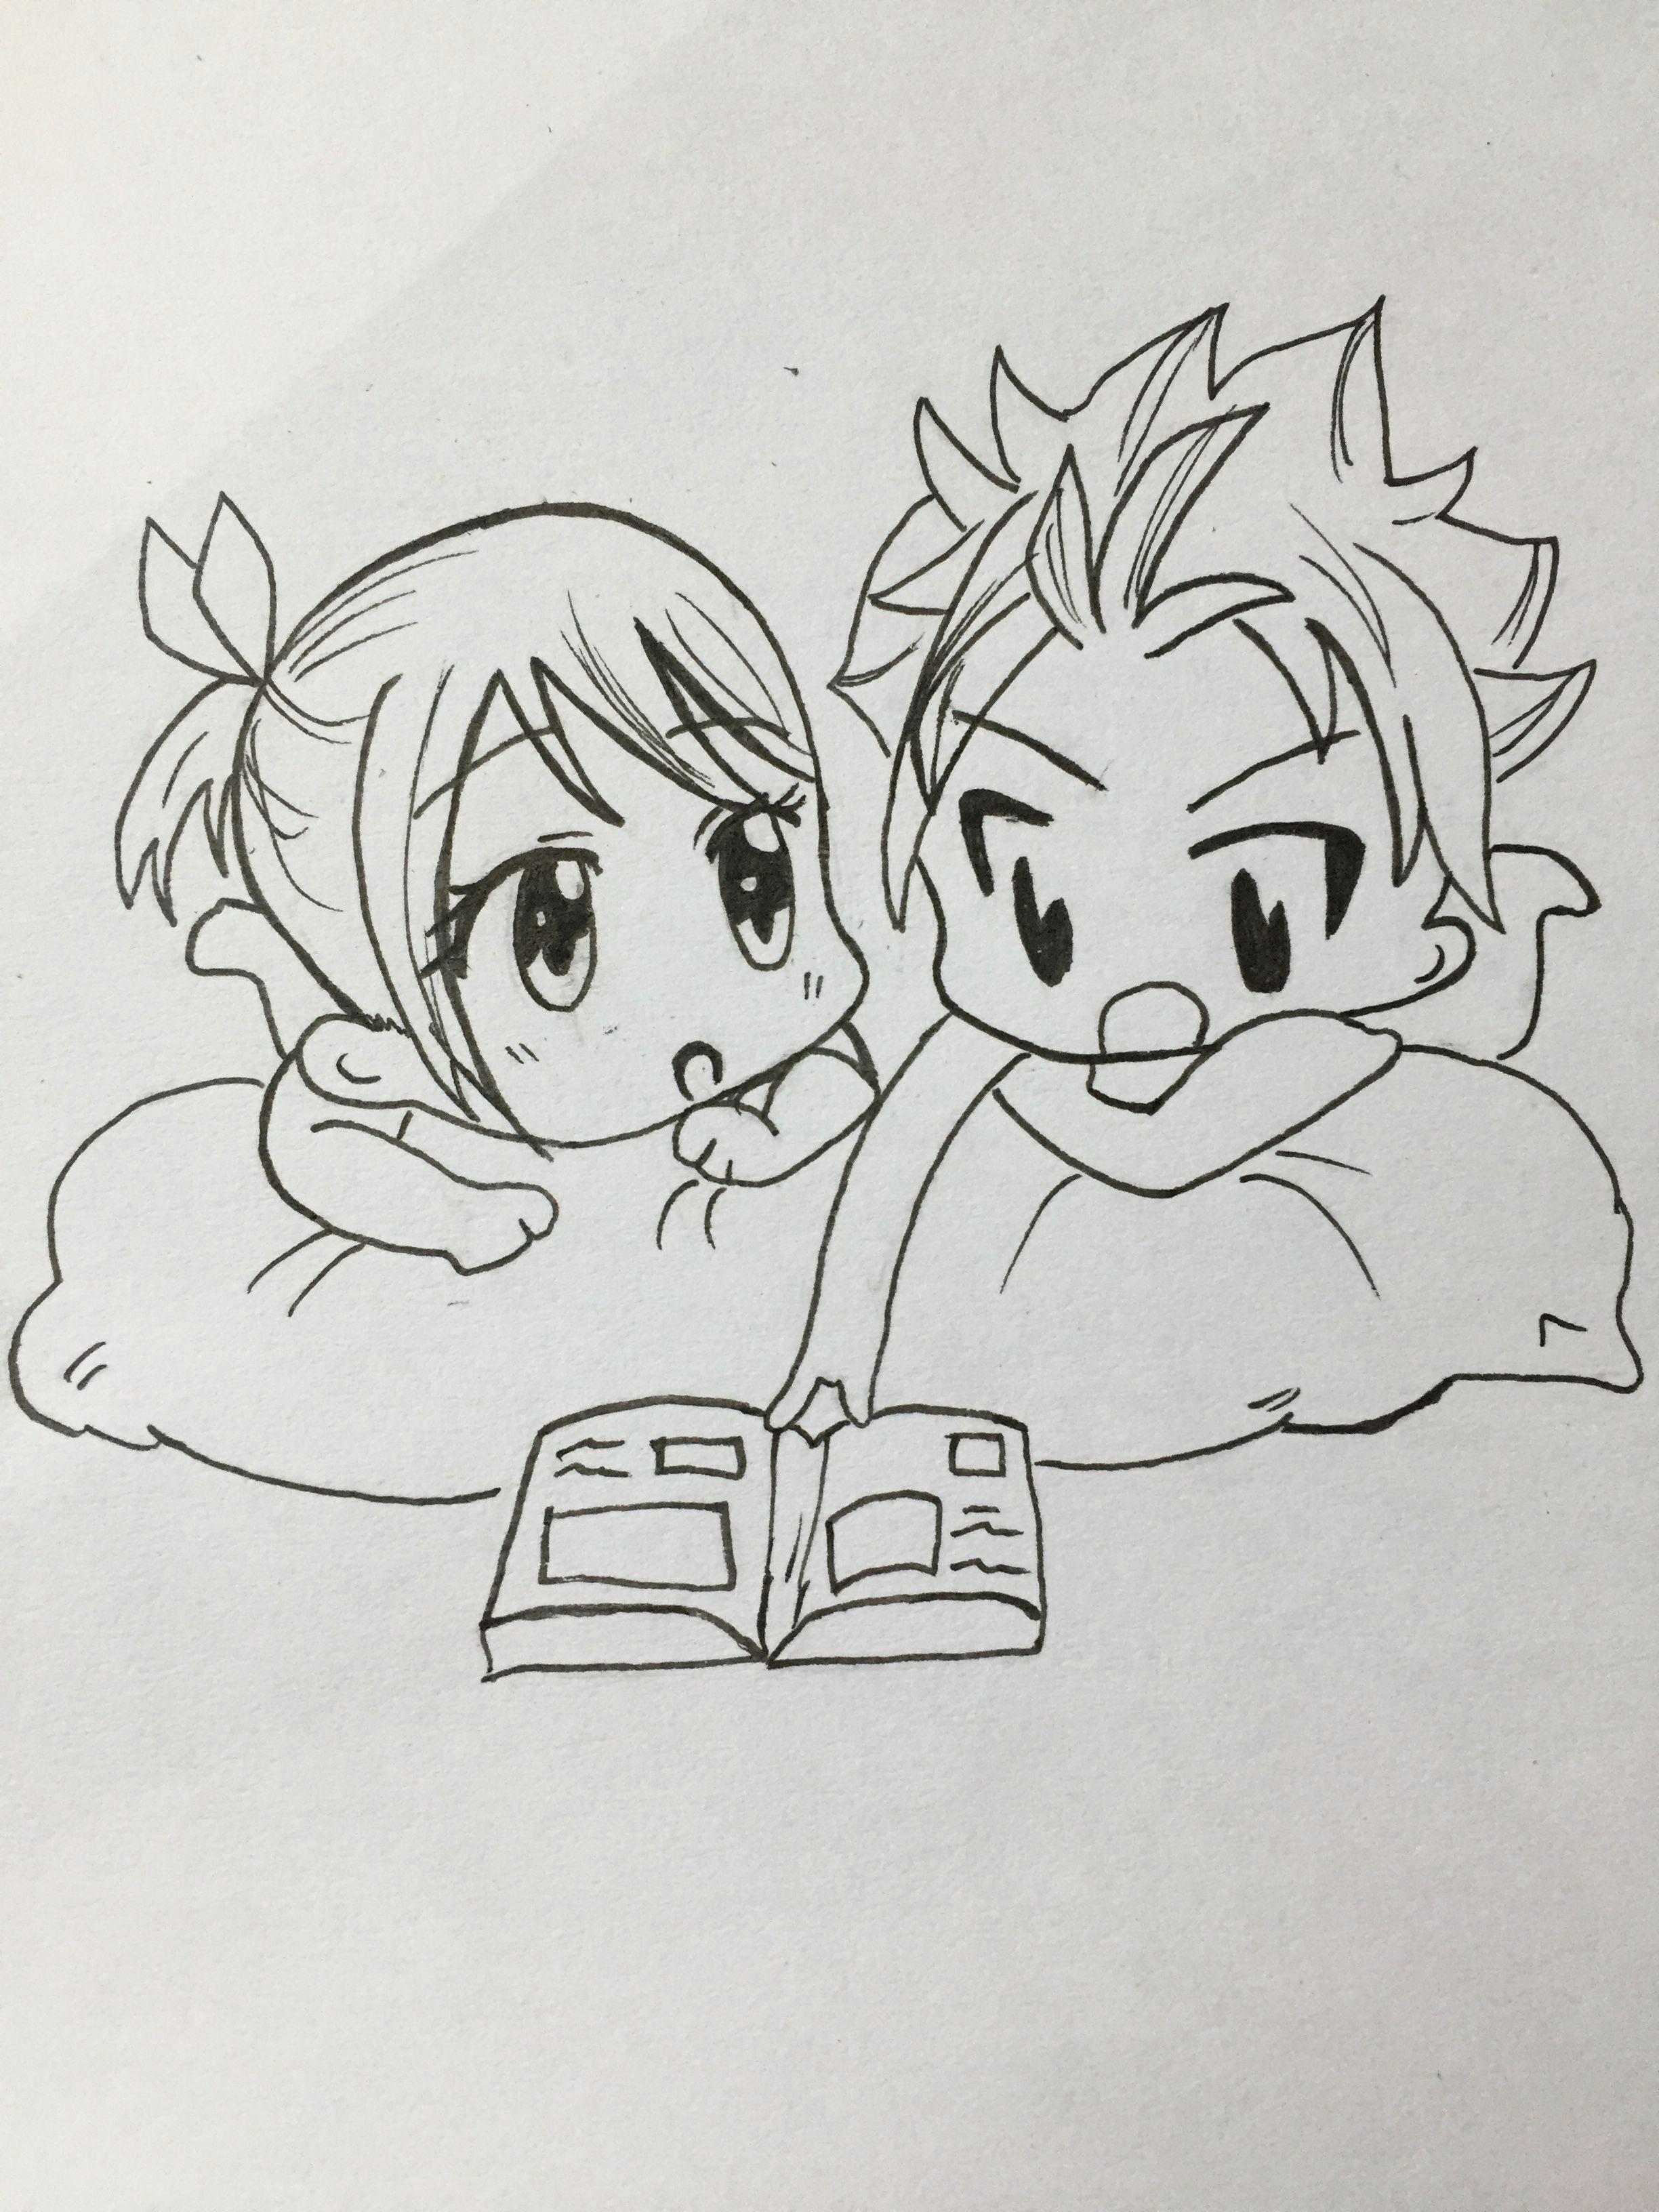 nalu chibi fairytail nalu chibi mangadrawing manga love art mystyle anime natsuxlucy natsuandlucy natsu lucy